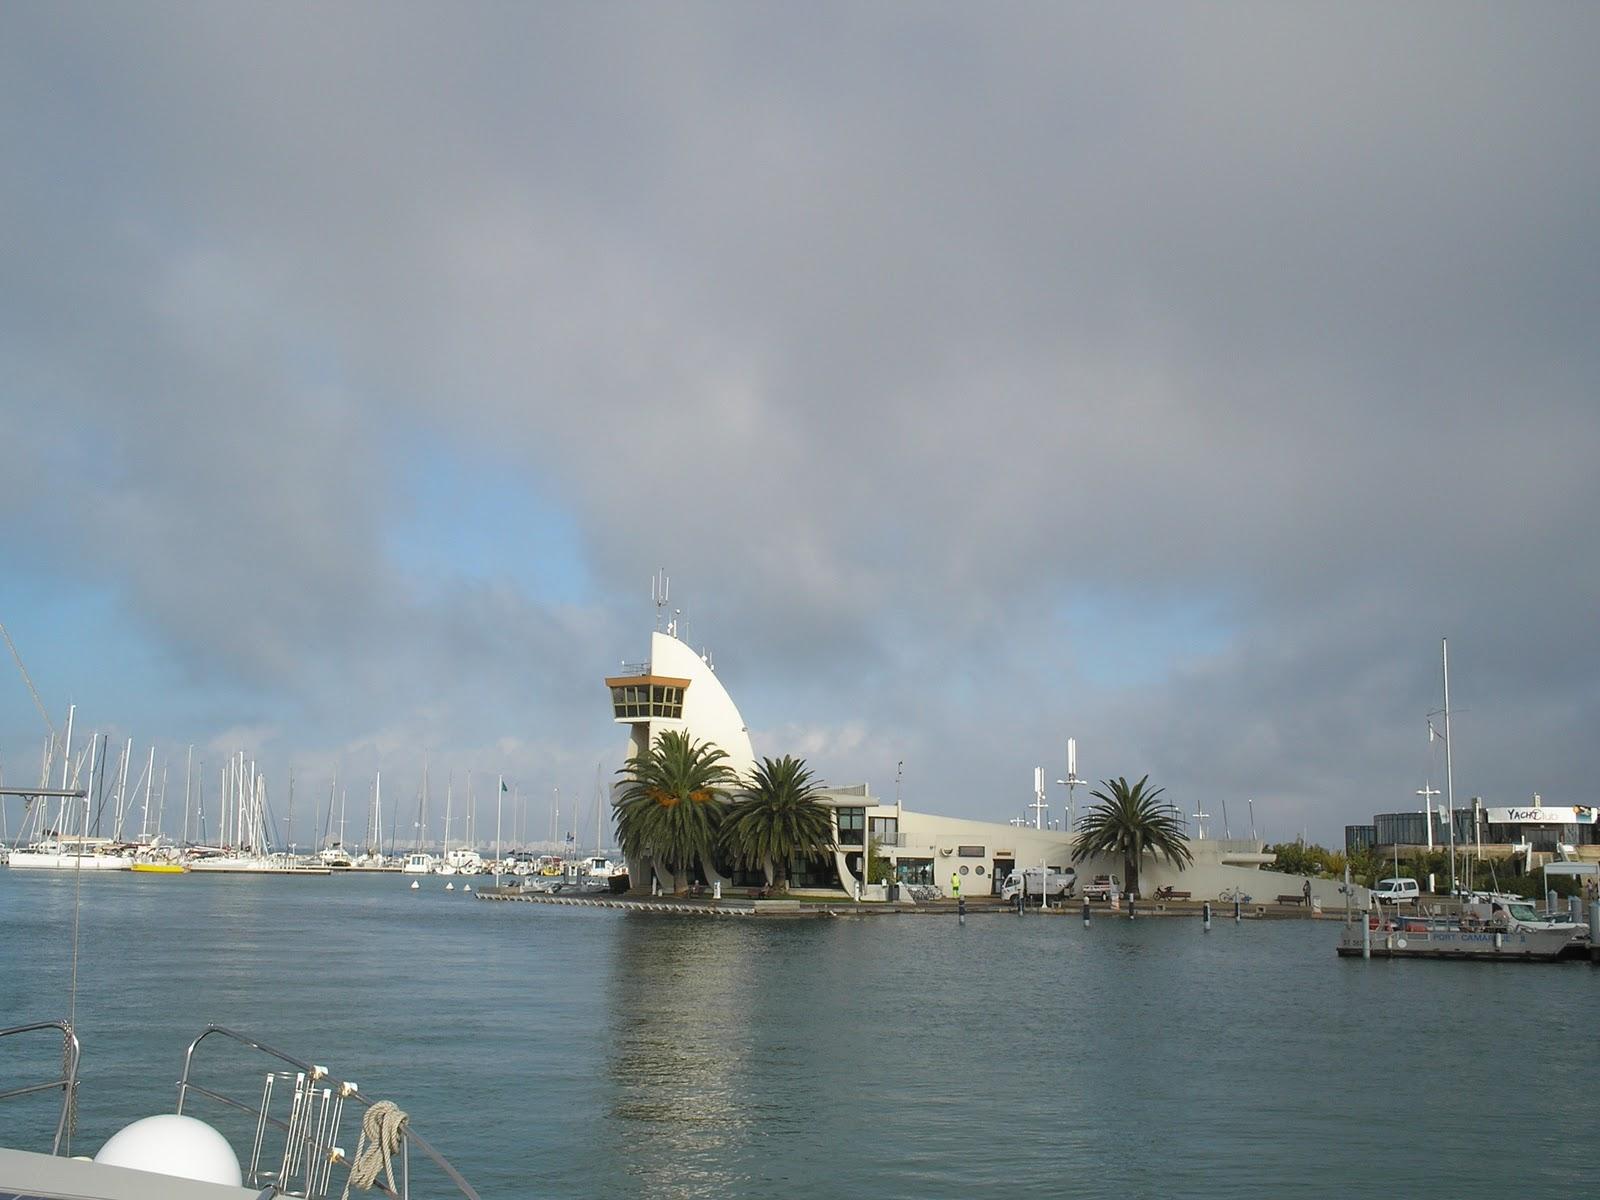 Blue lagoon le convoyage de cirrus - Capitainerie de port camargue ...